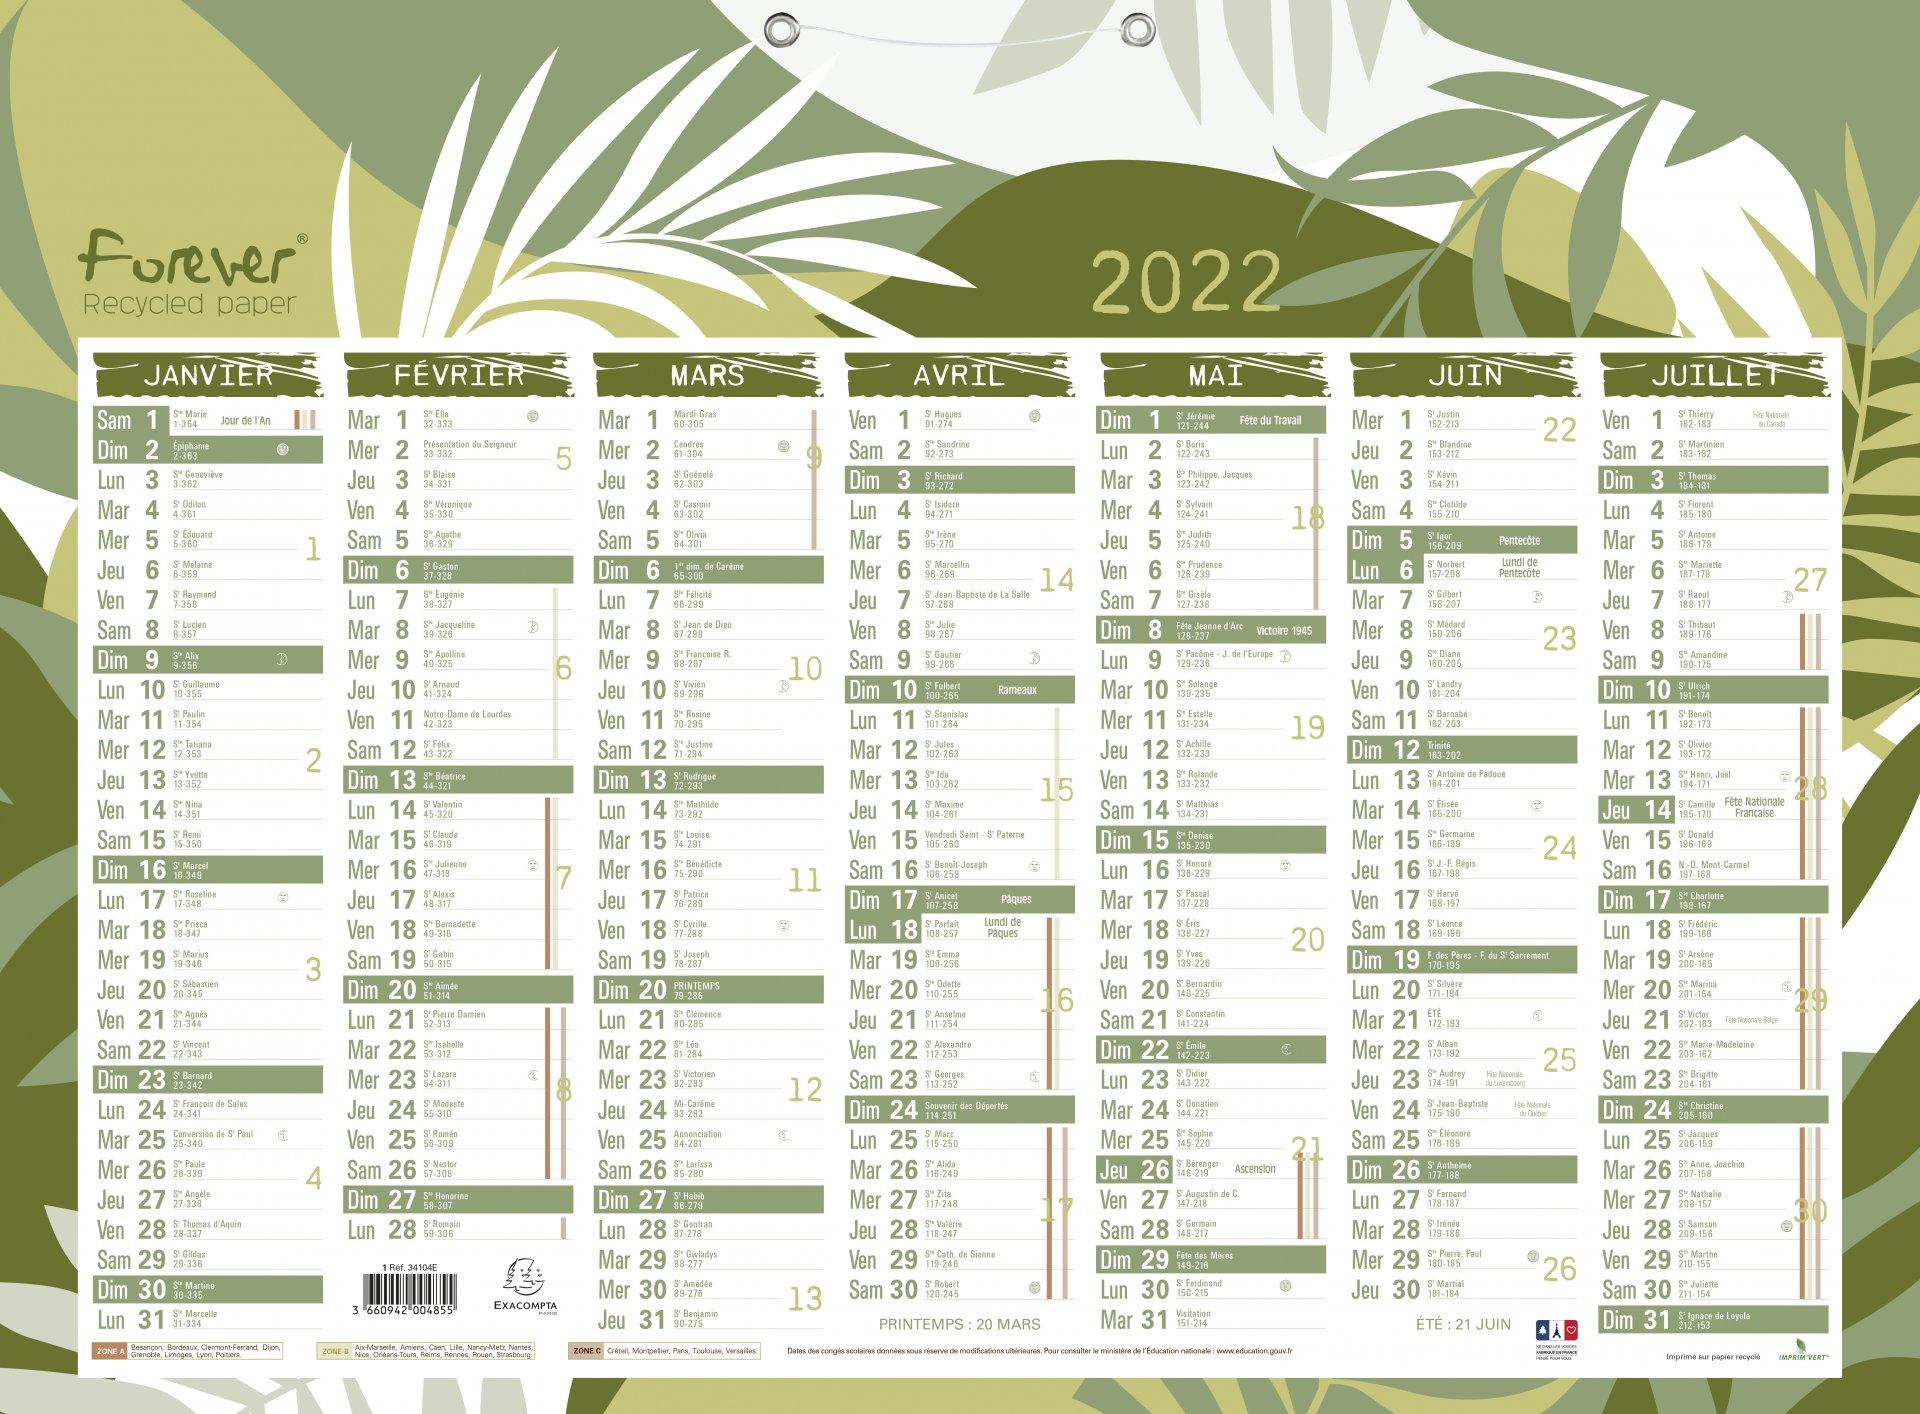 Calendrier Publicitaire 2022 Fabrication de calendriers publicitaires personnalisés, à Paris